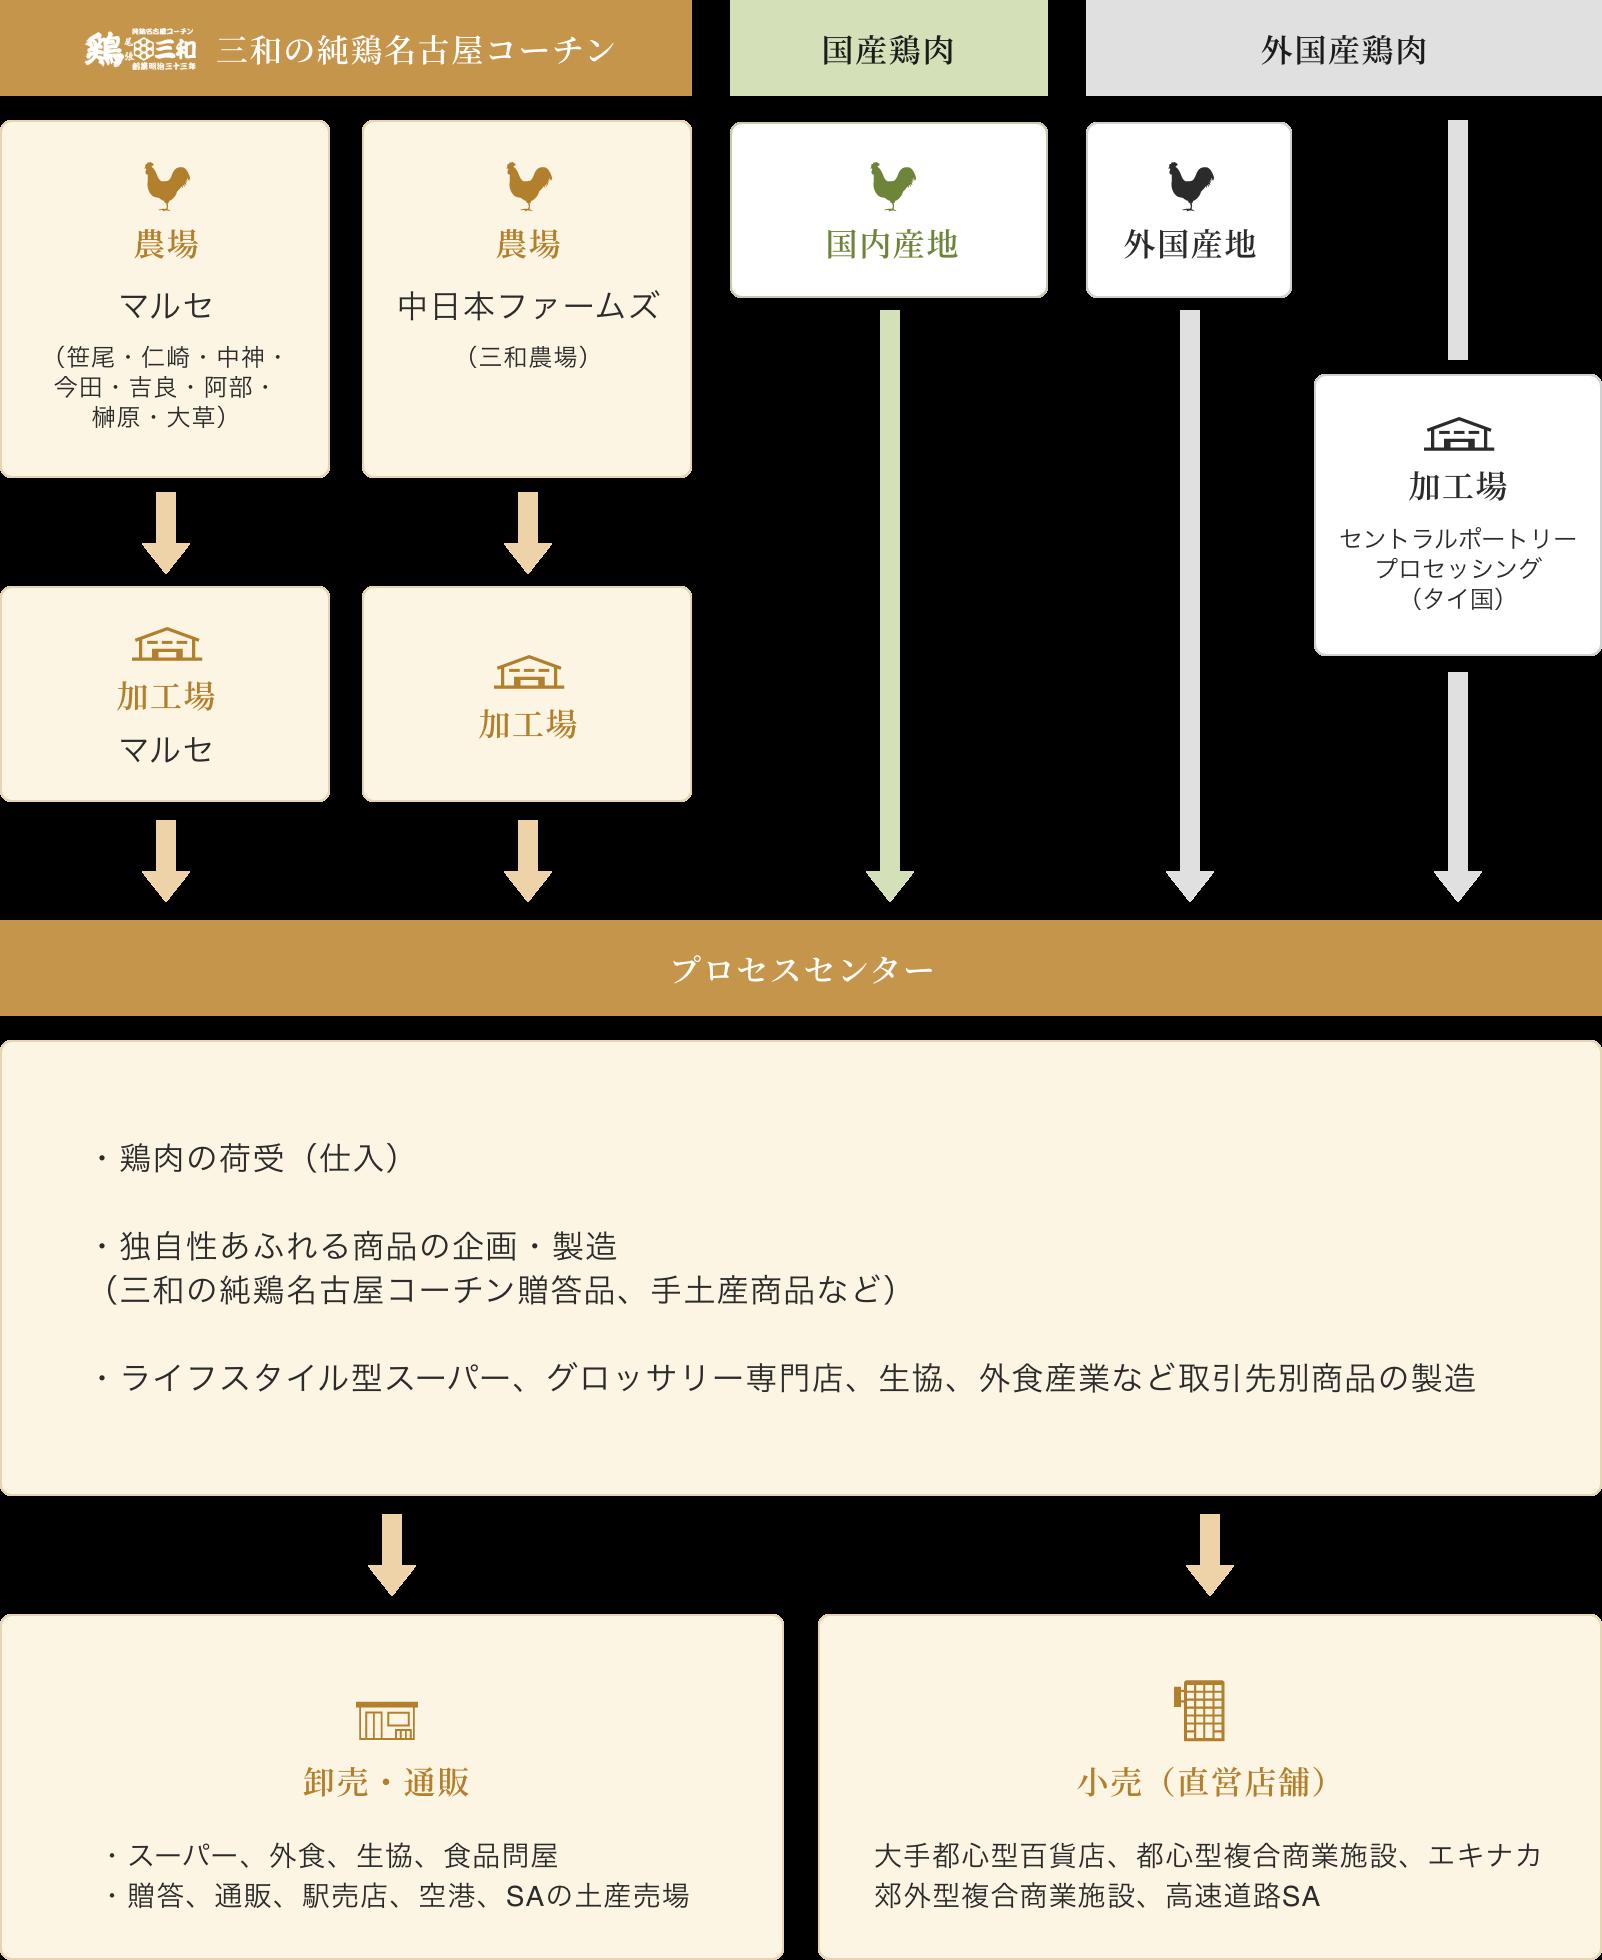 業務フローチャート